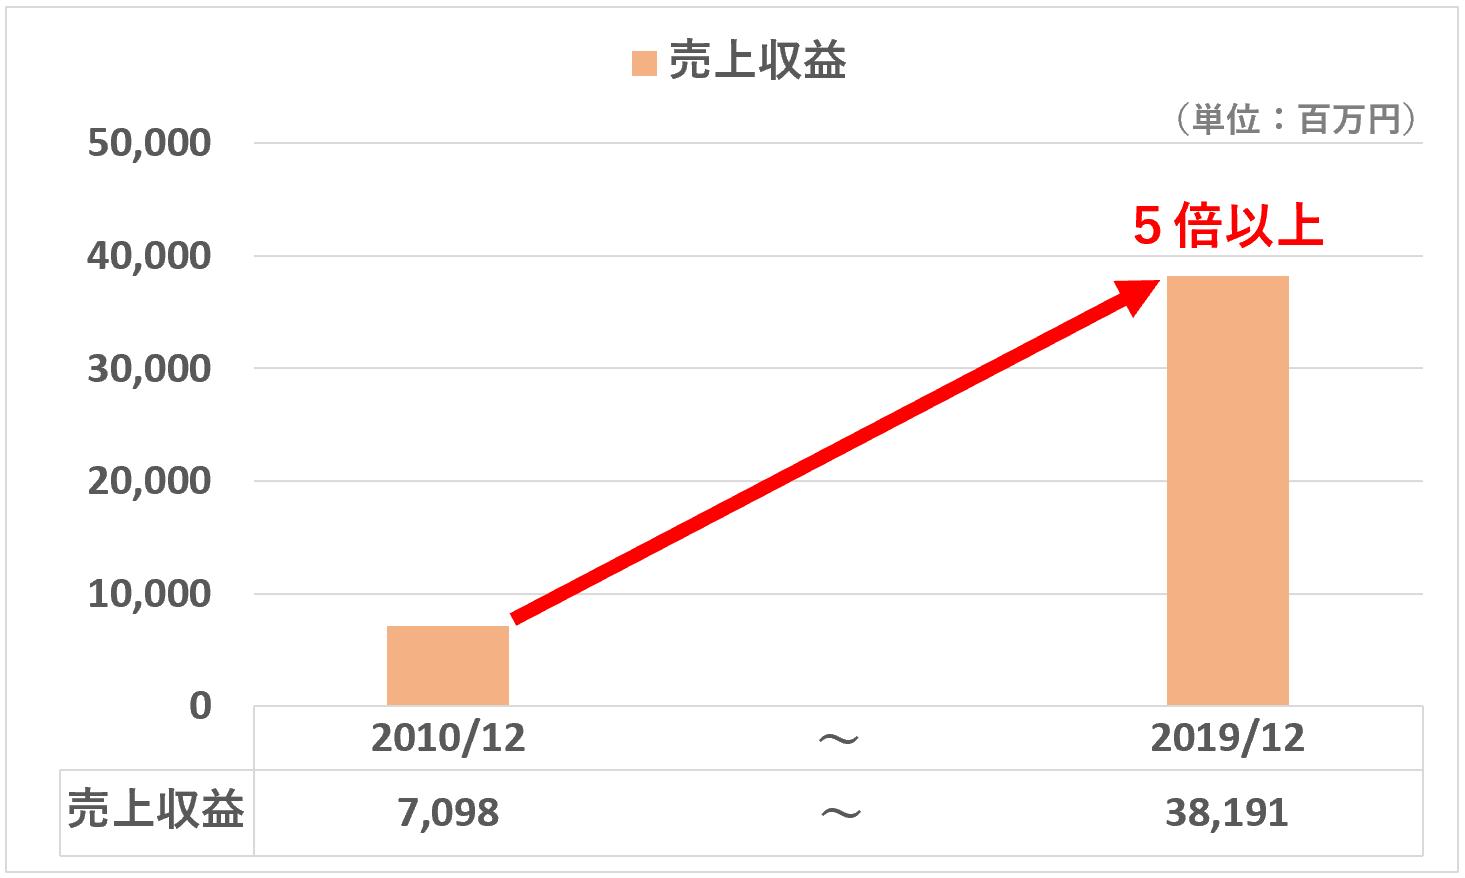 リンク:売上収益の推移